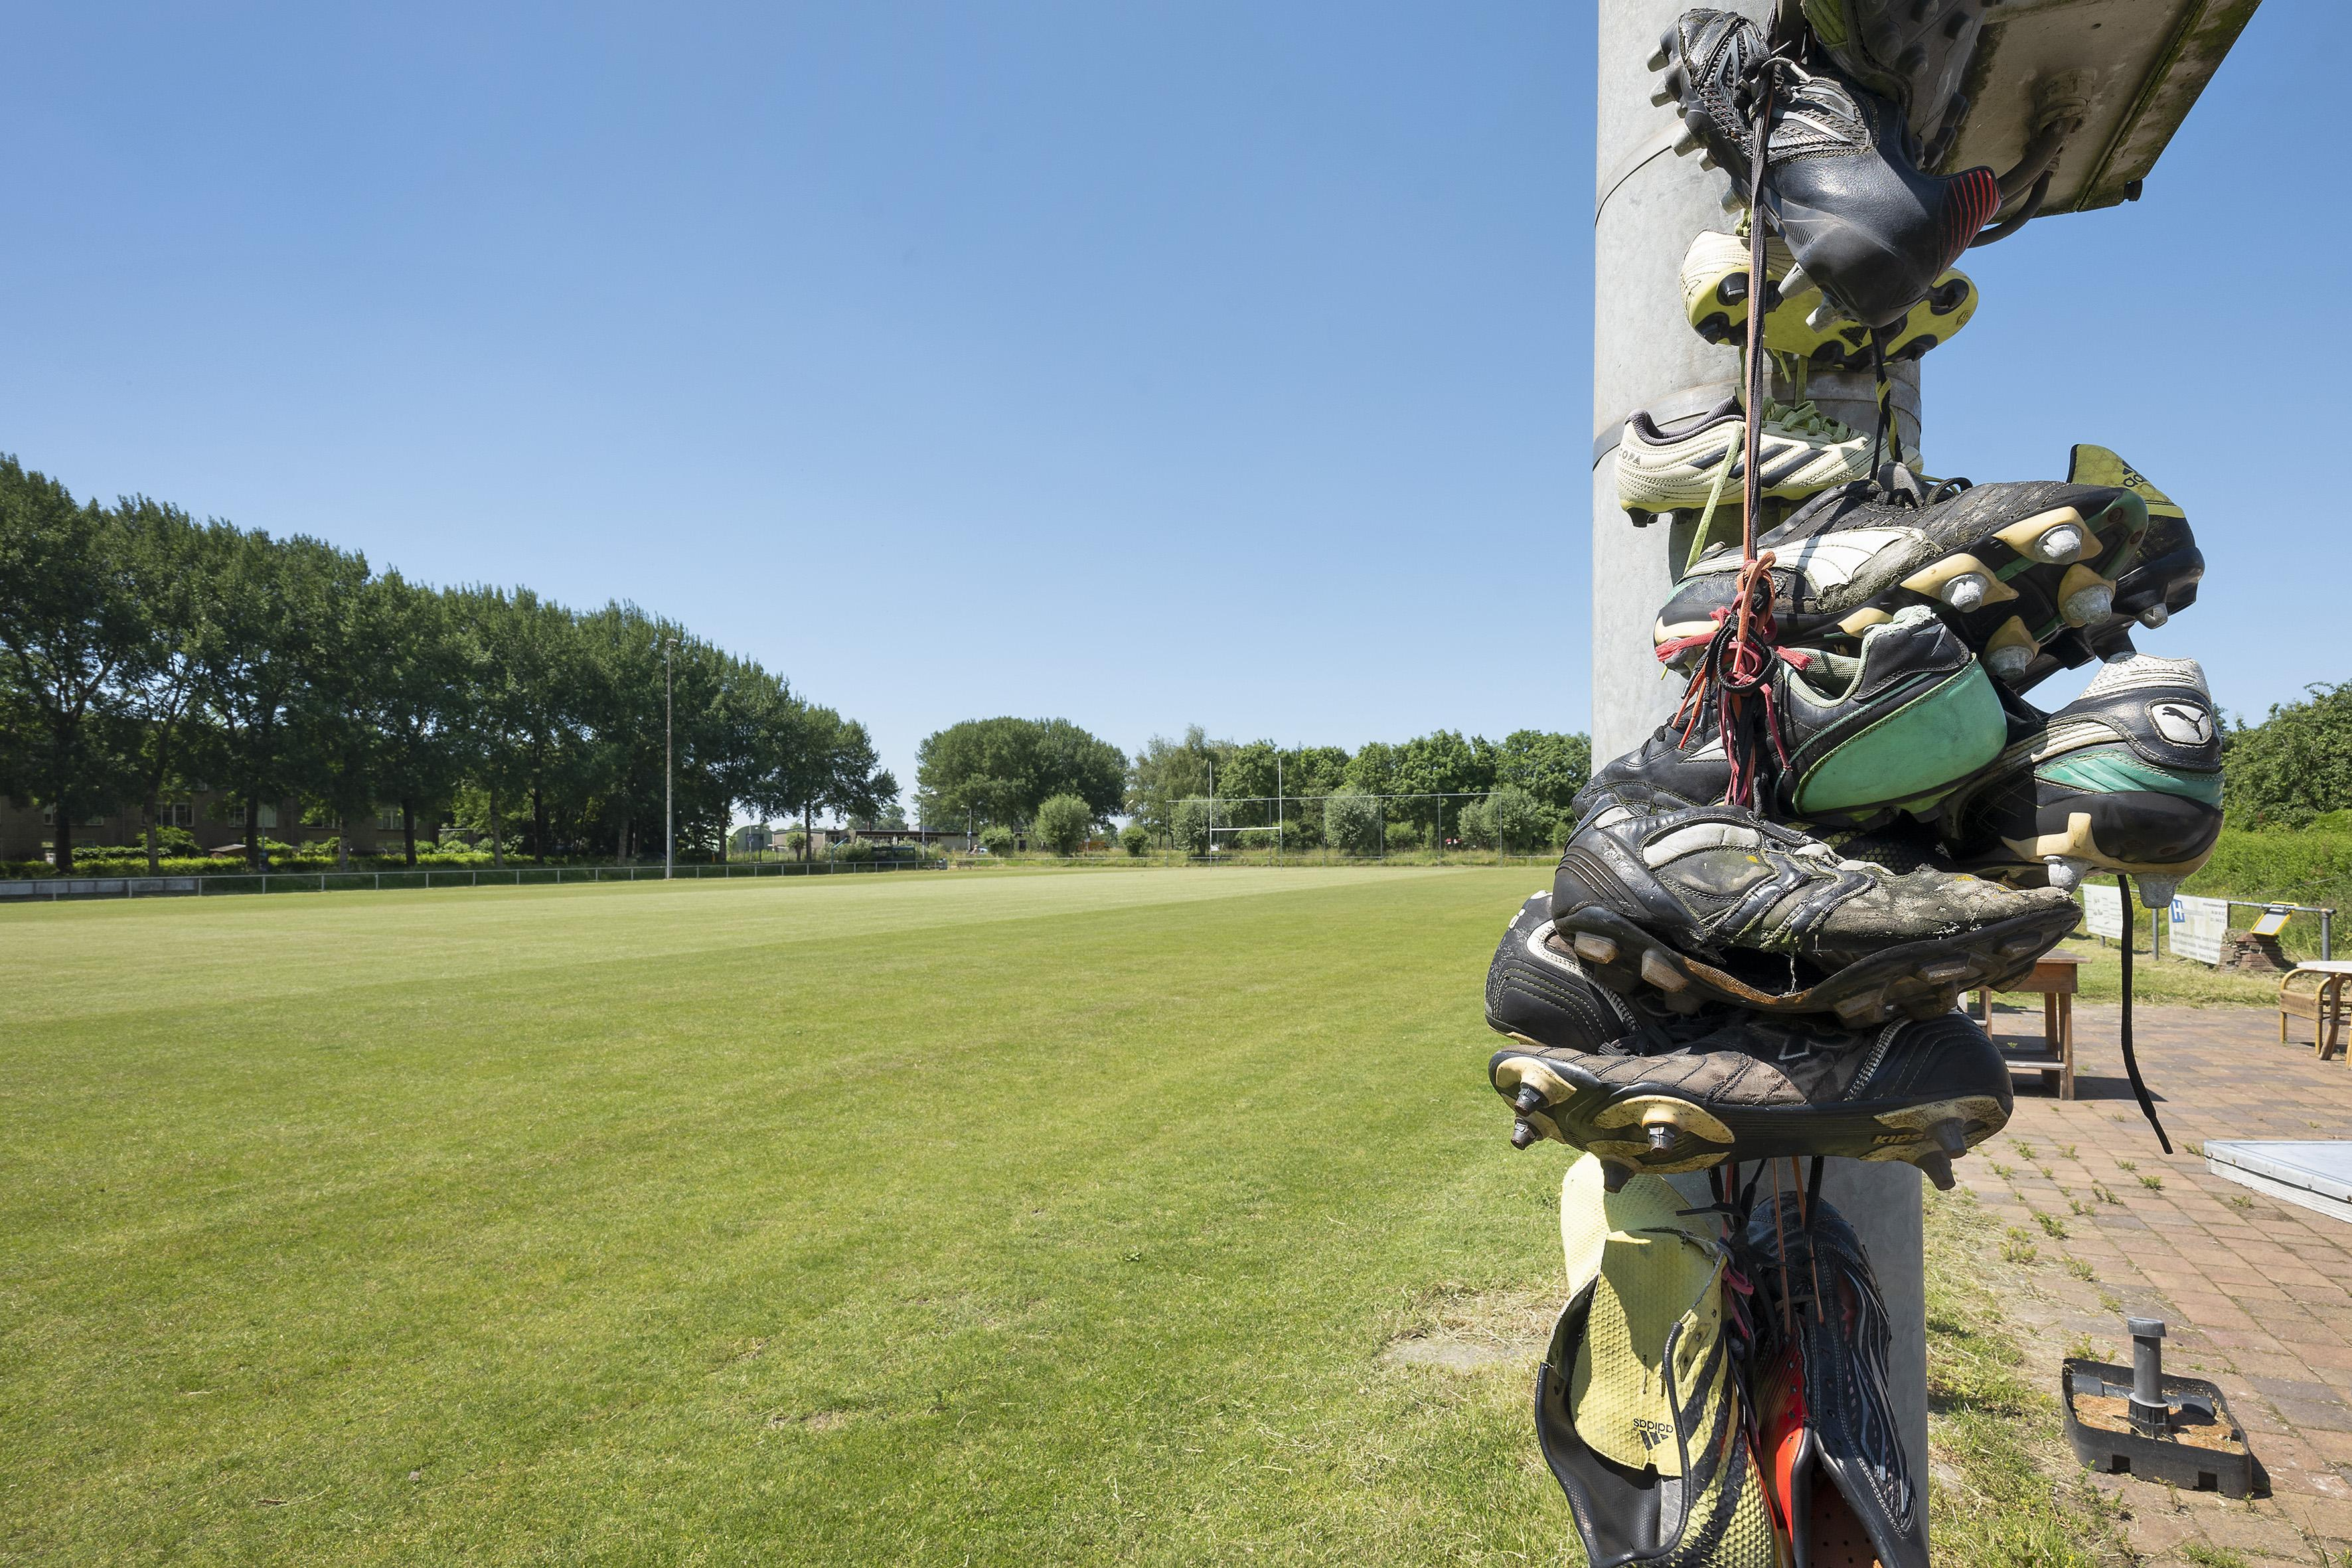 Op terrein Smugglers in Velserbroek kunnen meer sociale huurwoningen dan eerst gedacht. Er komen ook starterwoningen. Rugbyclub verhuist